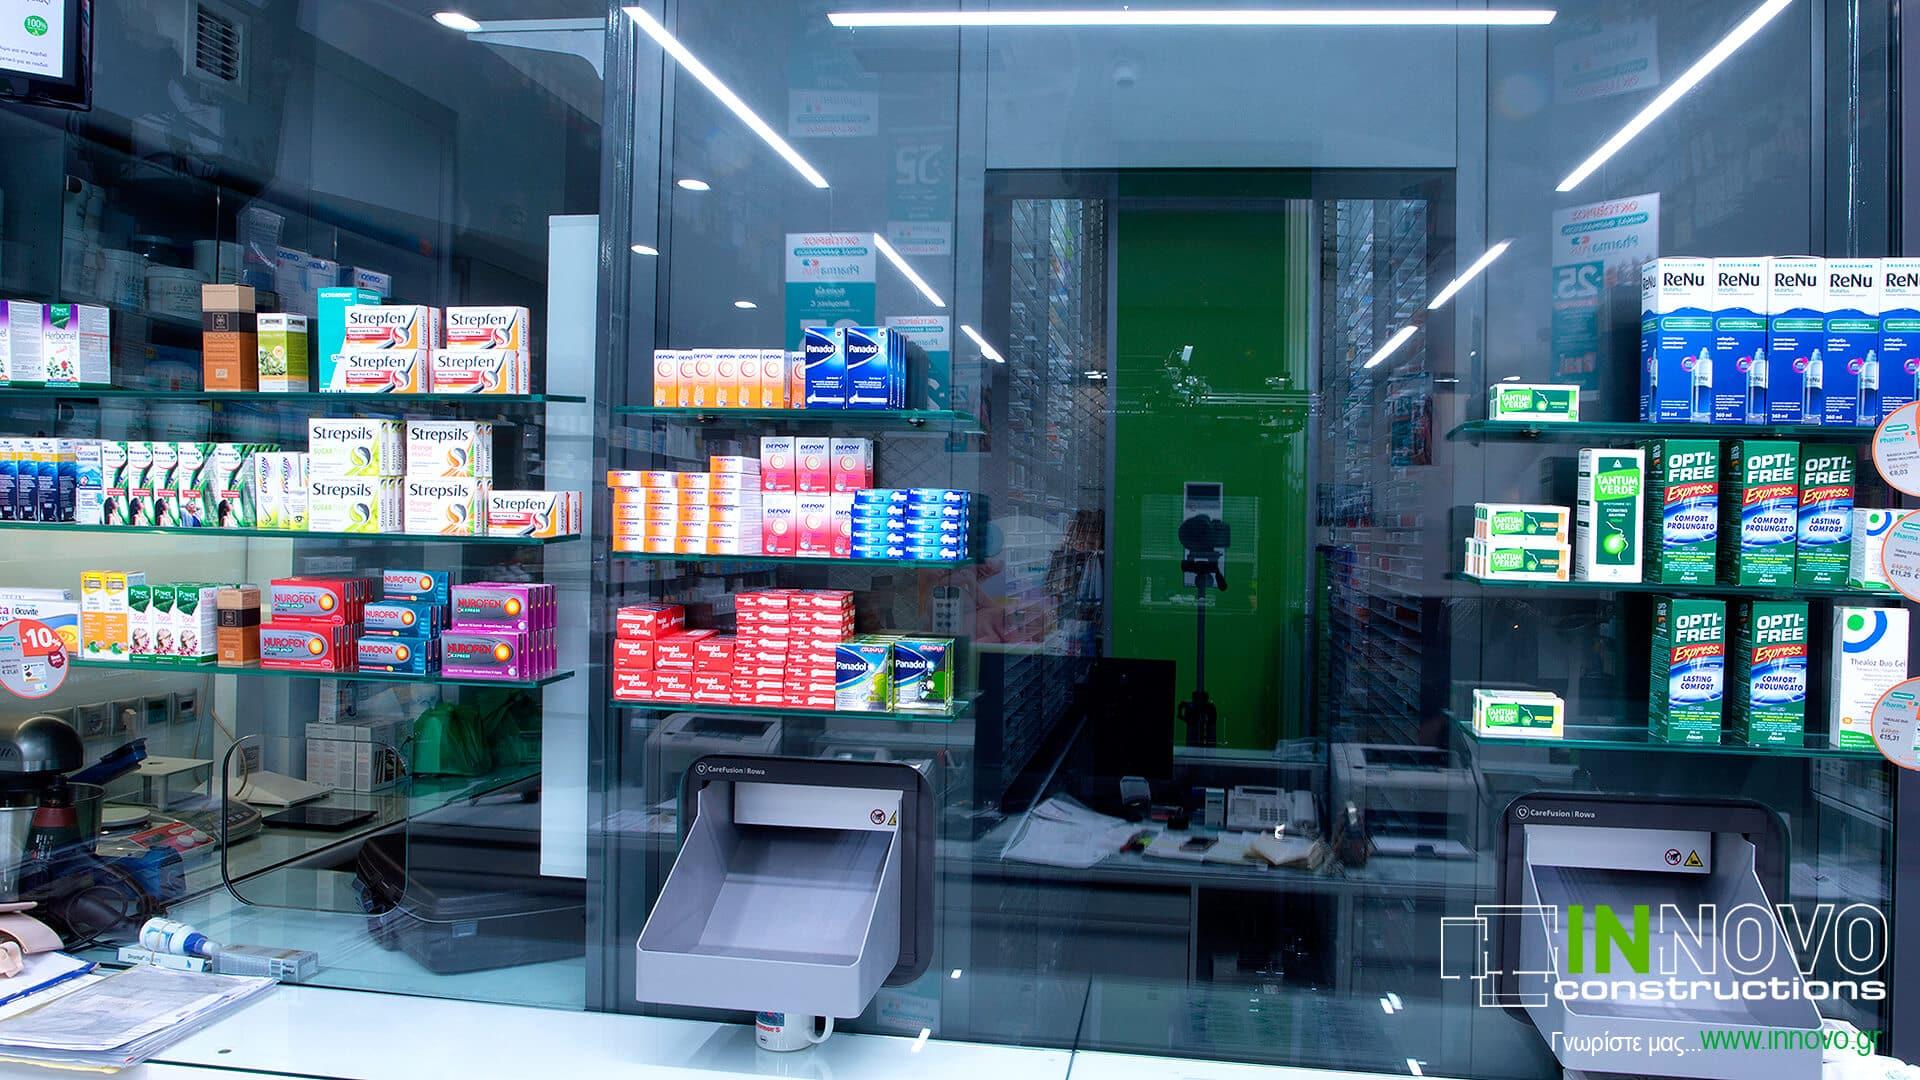 Σχεδιασμός φαρμακείου στην Καλλιθέα